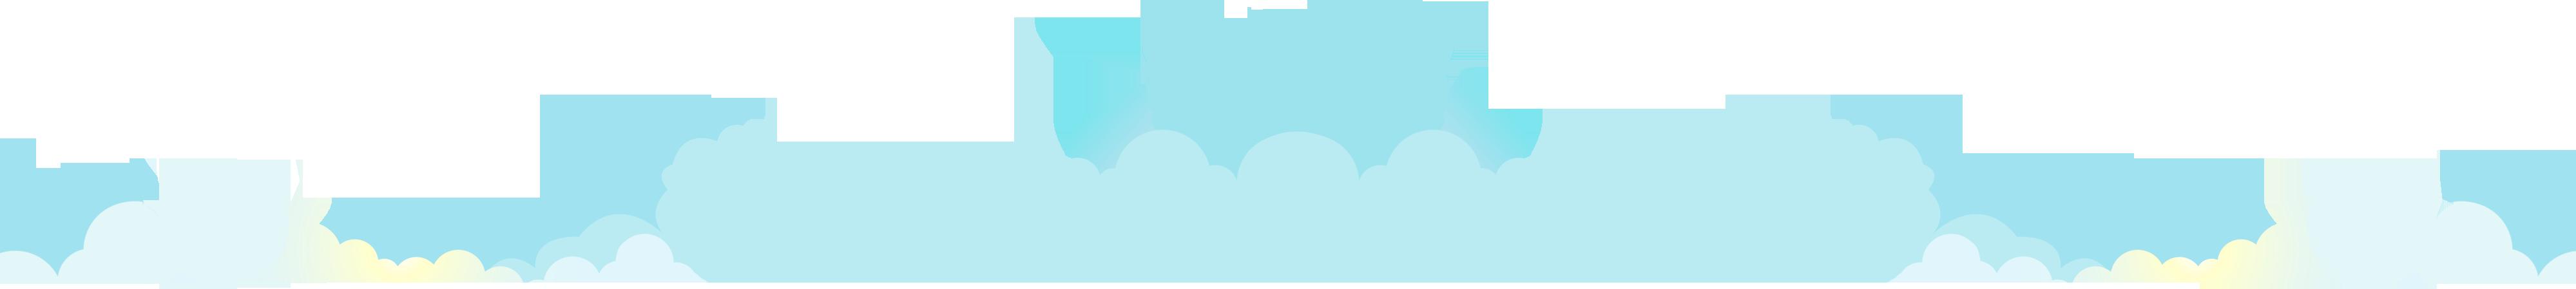 sky 5 - sky